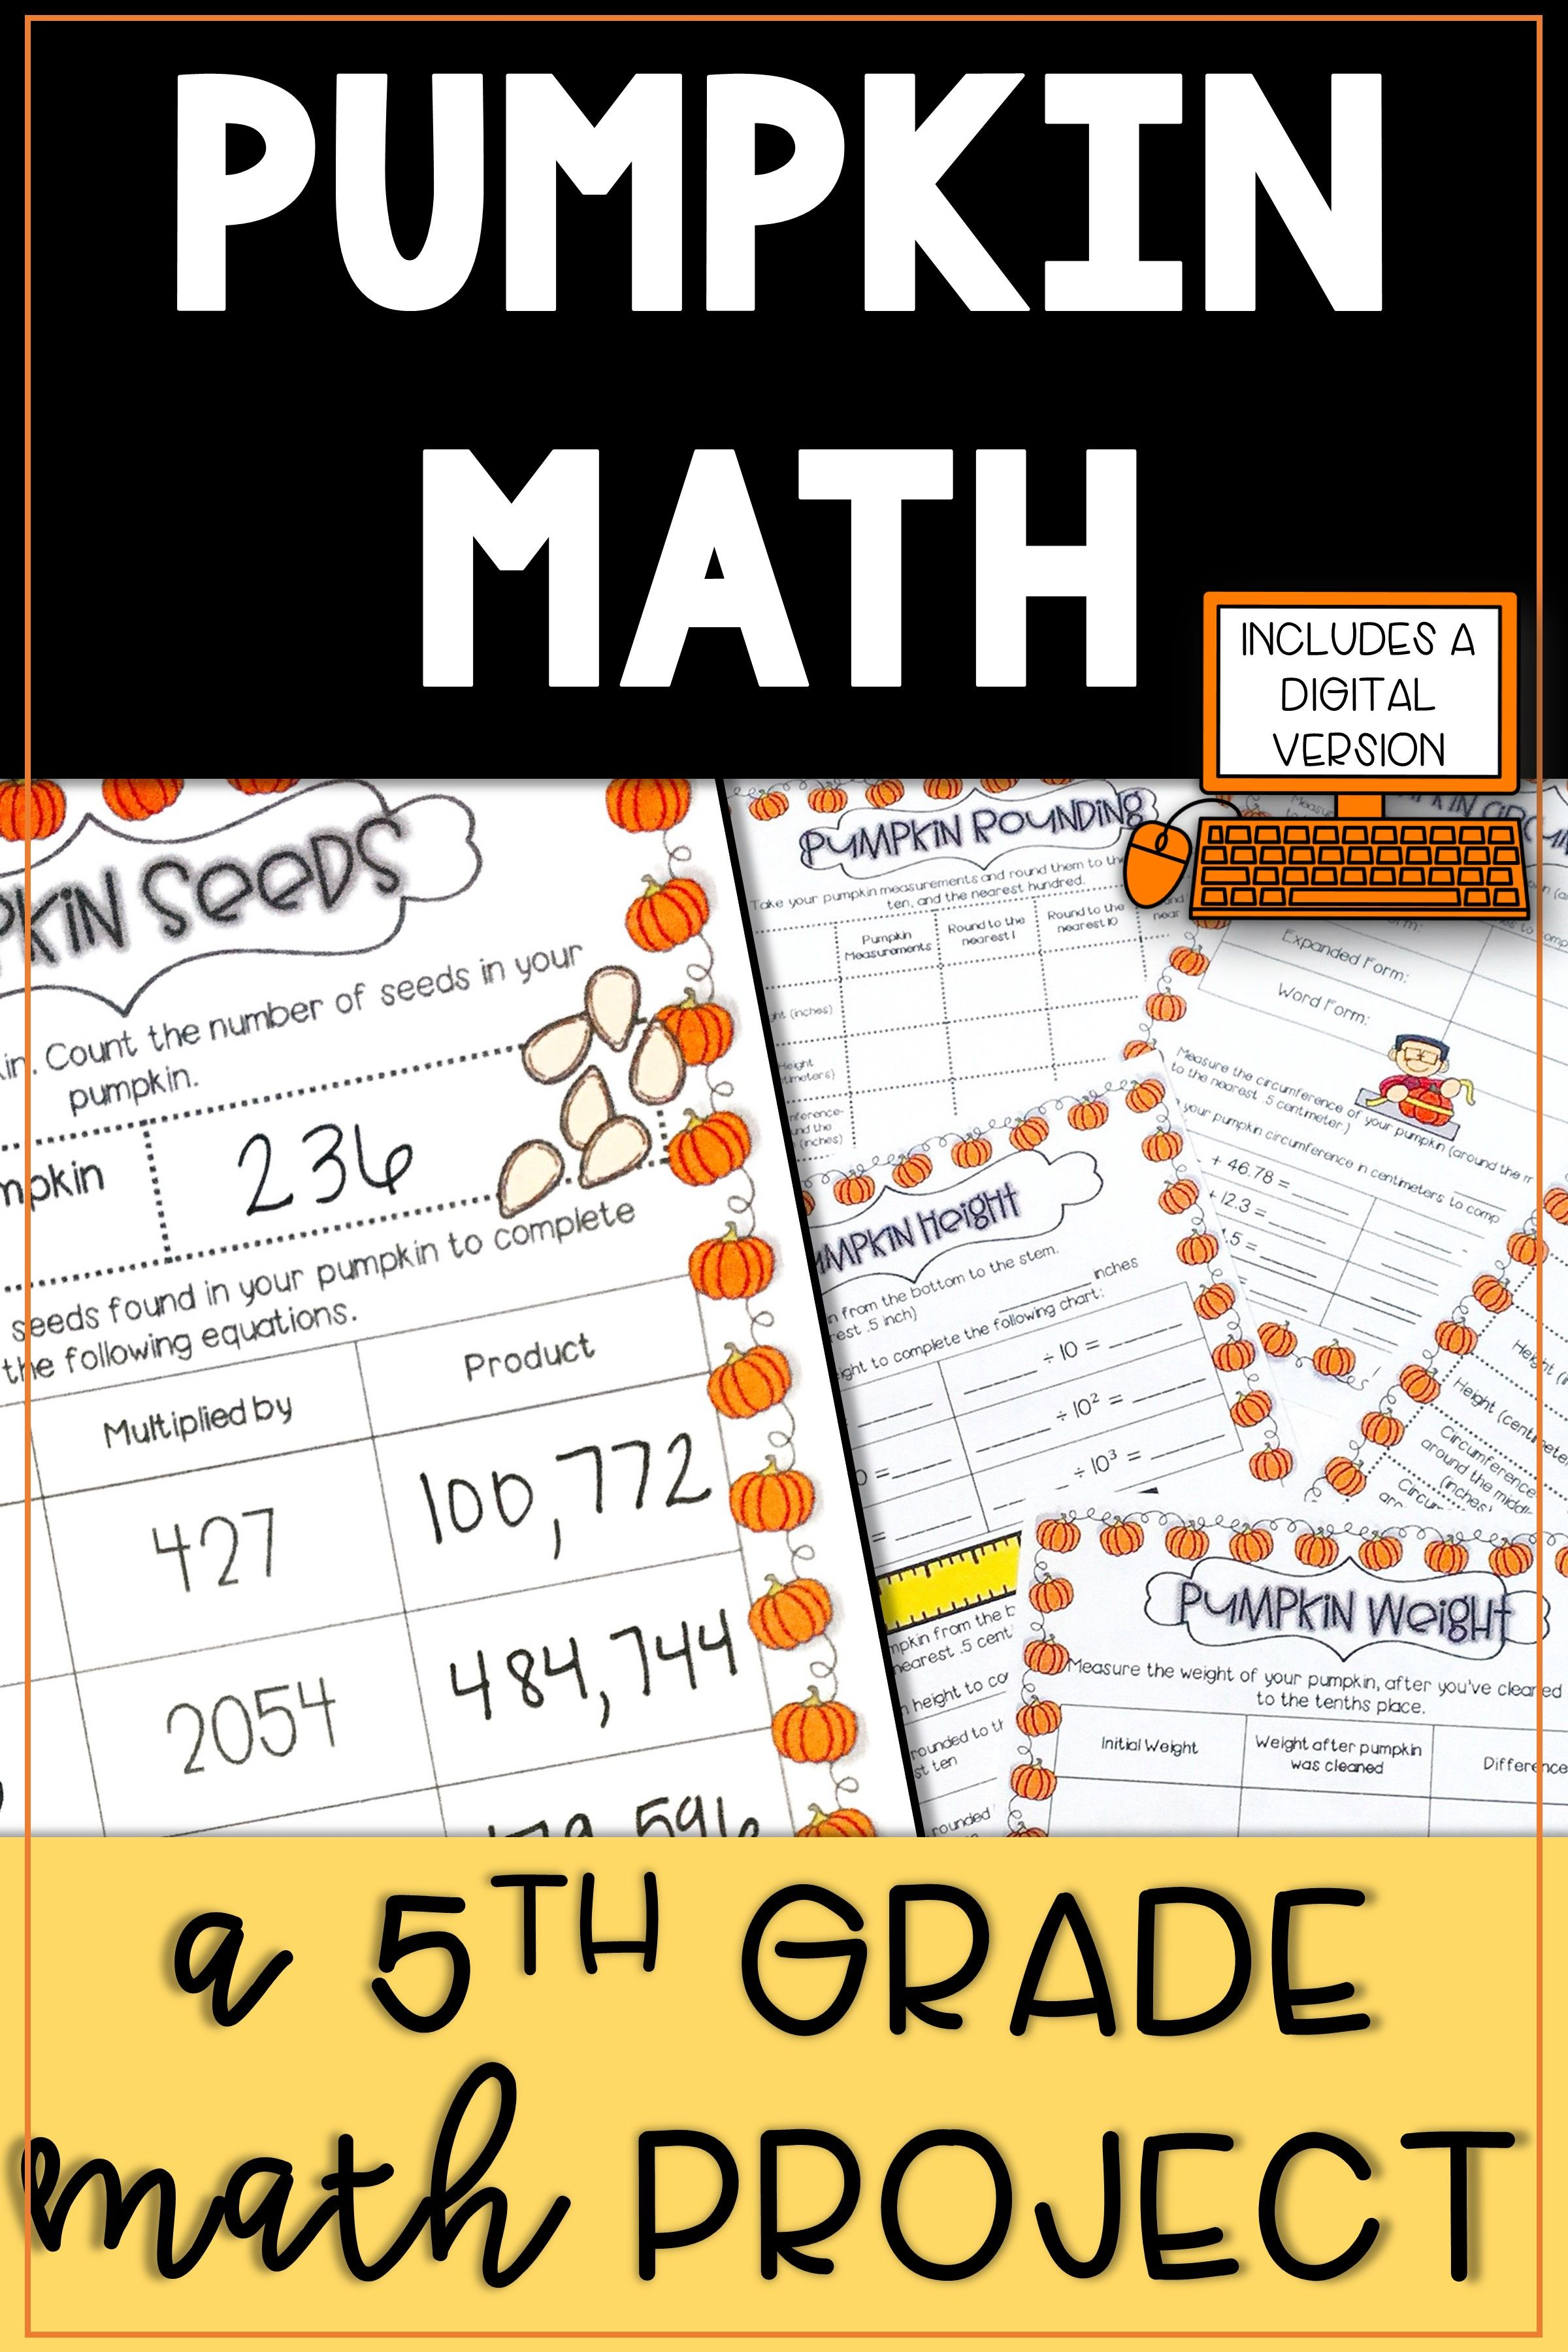 Pumpkin Math Activities Place Value Activities 5th Grade 4th Grade Math Worksheets 2nd Grade Math Worksheets First Grade Math Worksheets [ 3600 x 2400 Pixel ]